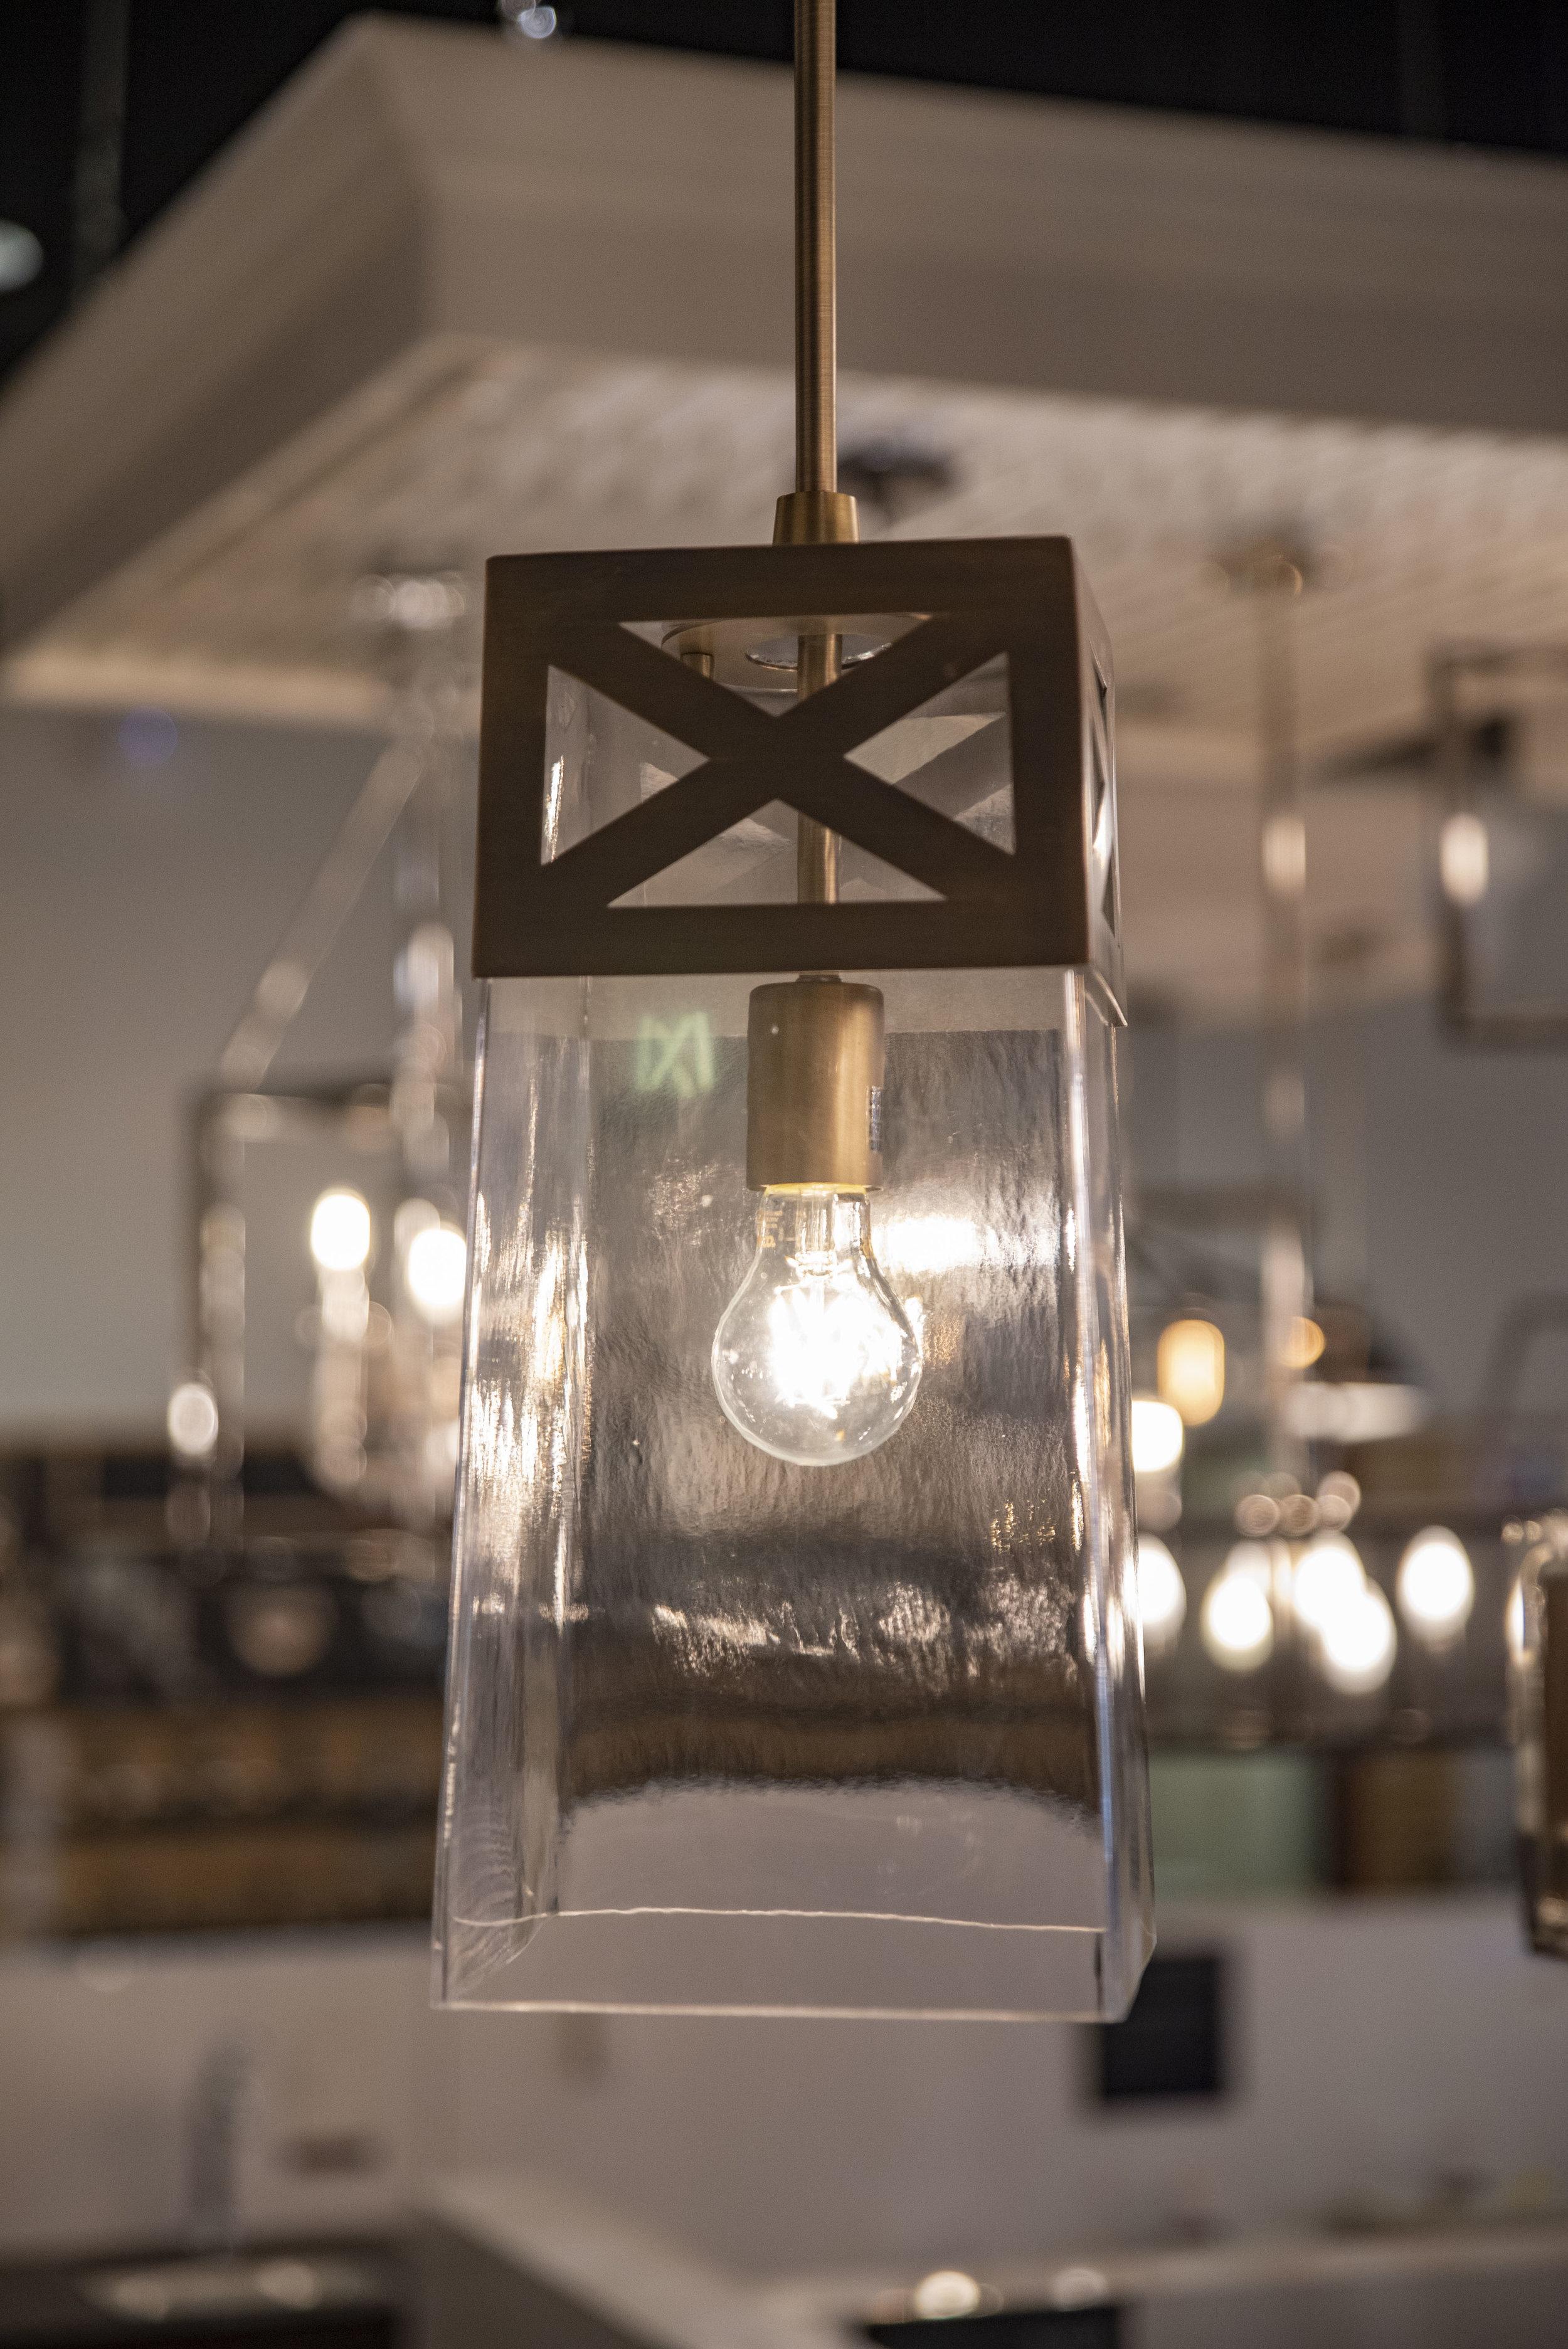 Sheboygan Lighting-51.jpg